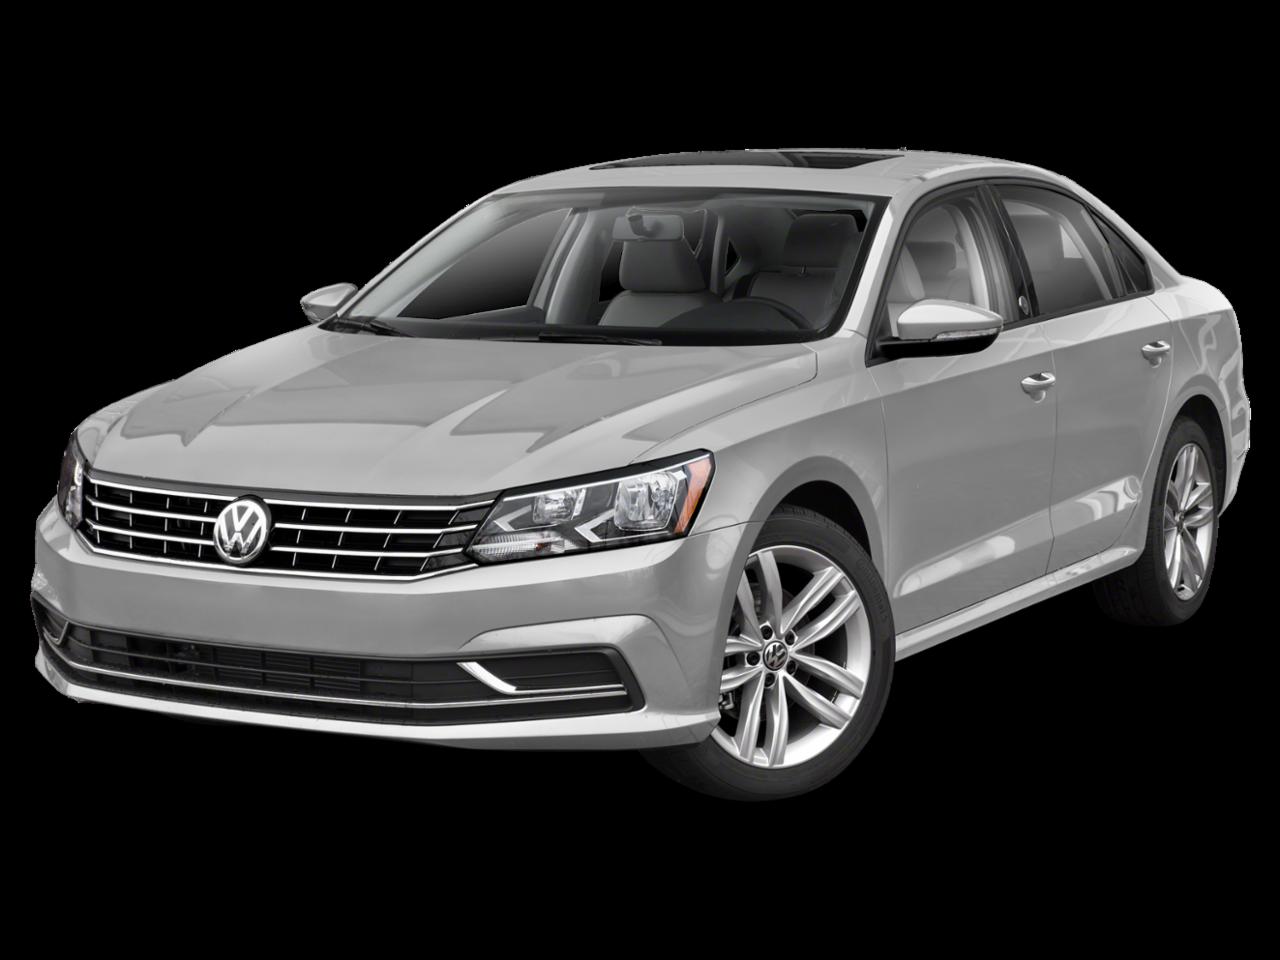 Volkswagen 2019 Passat 2.0T Wolfsburg Edition